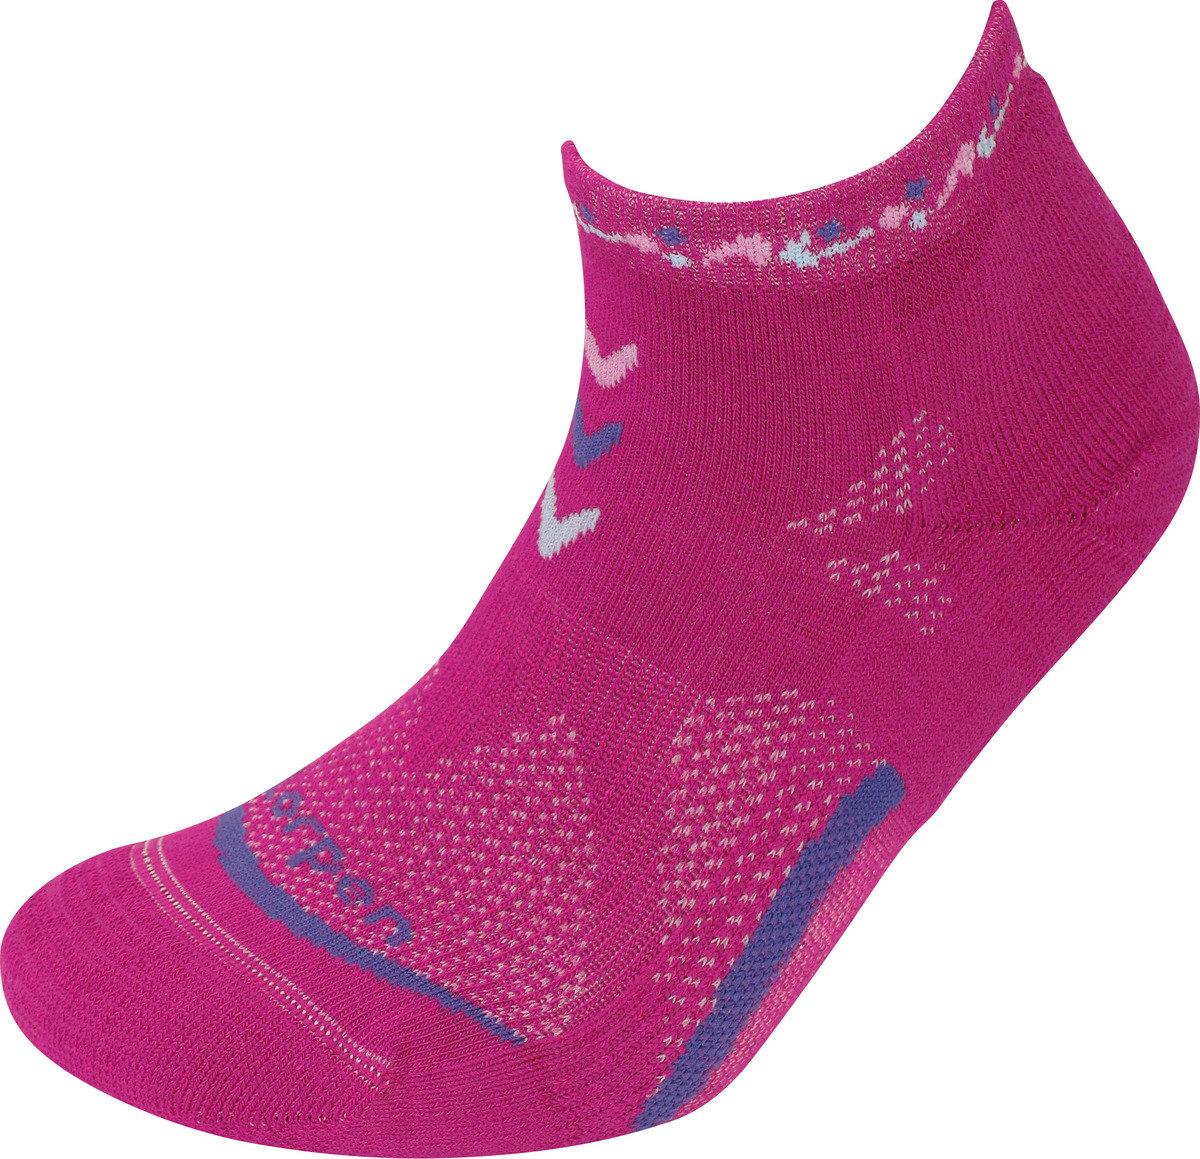 西班牙專業運動襪 - T3 Women's Light Mini, Sock Berry M